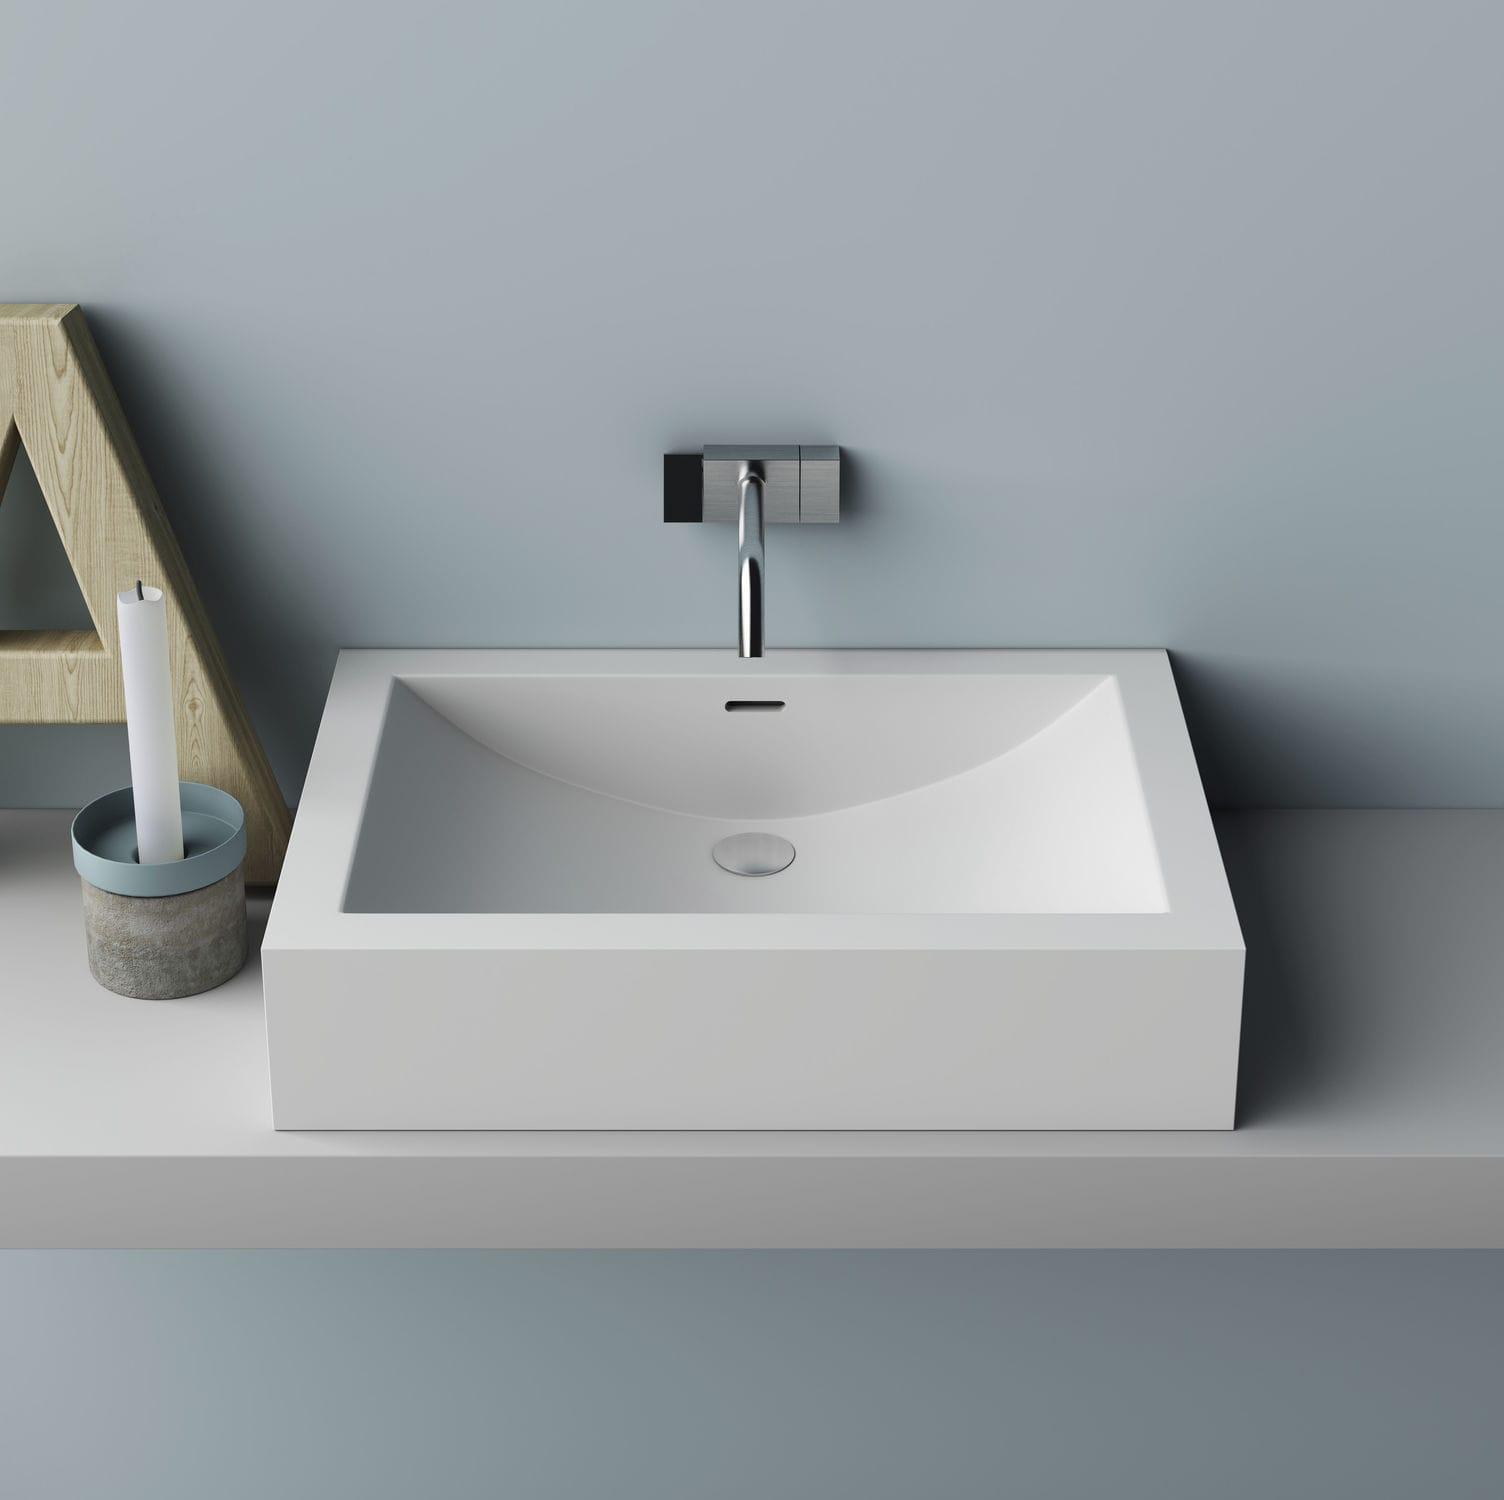 Waschbecken rechteckig  Aufsatzwaschbecken / rechteckig / aus Corian® / modern - CUNA - PLANIT